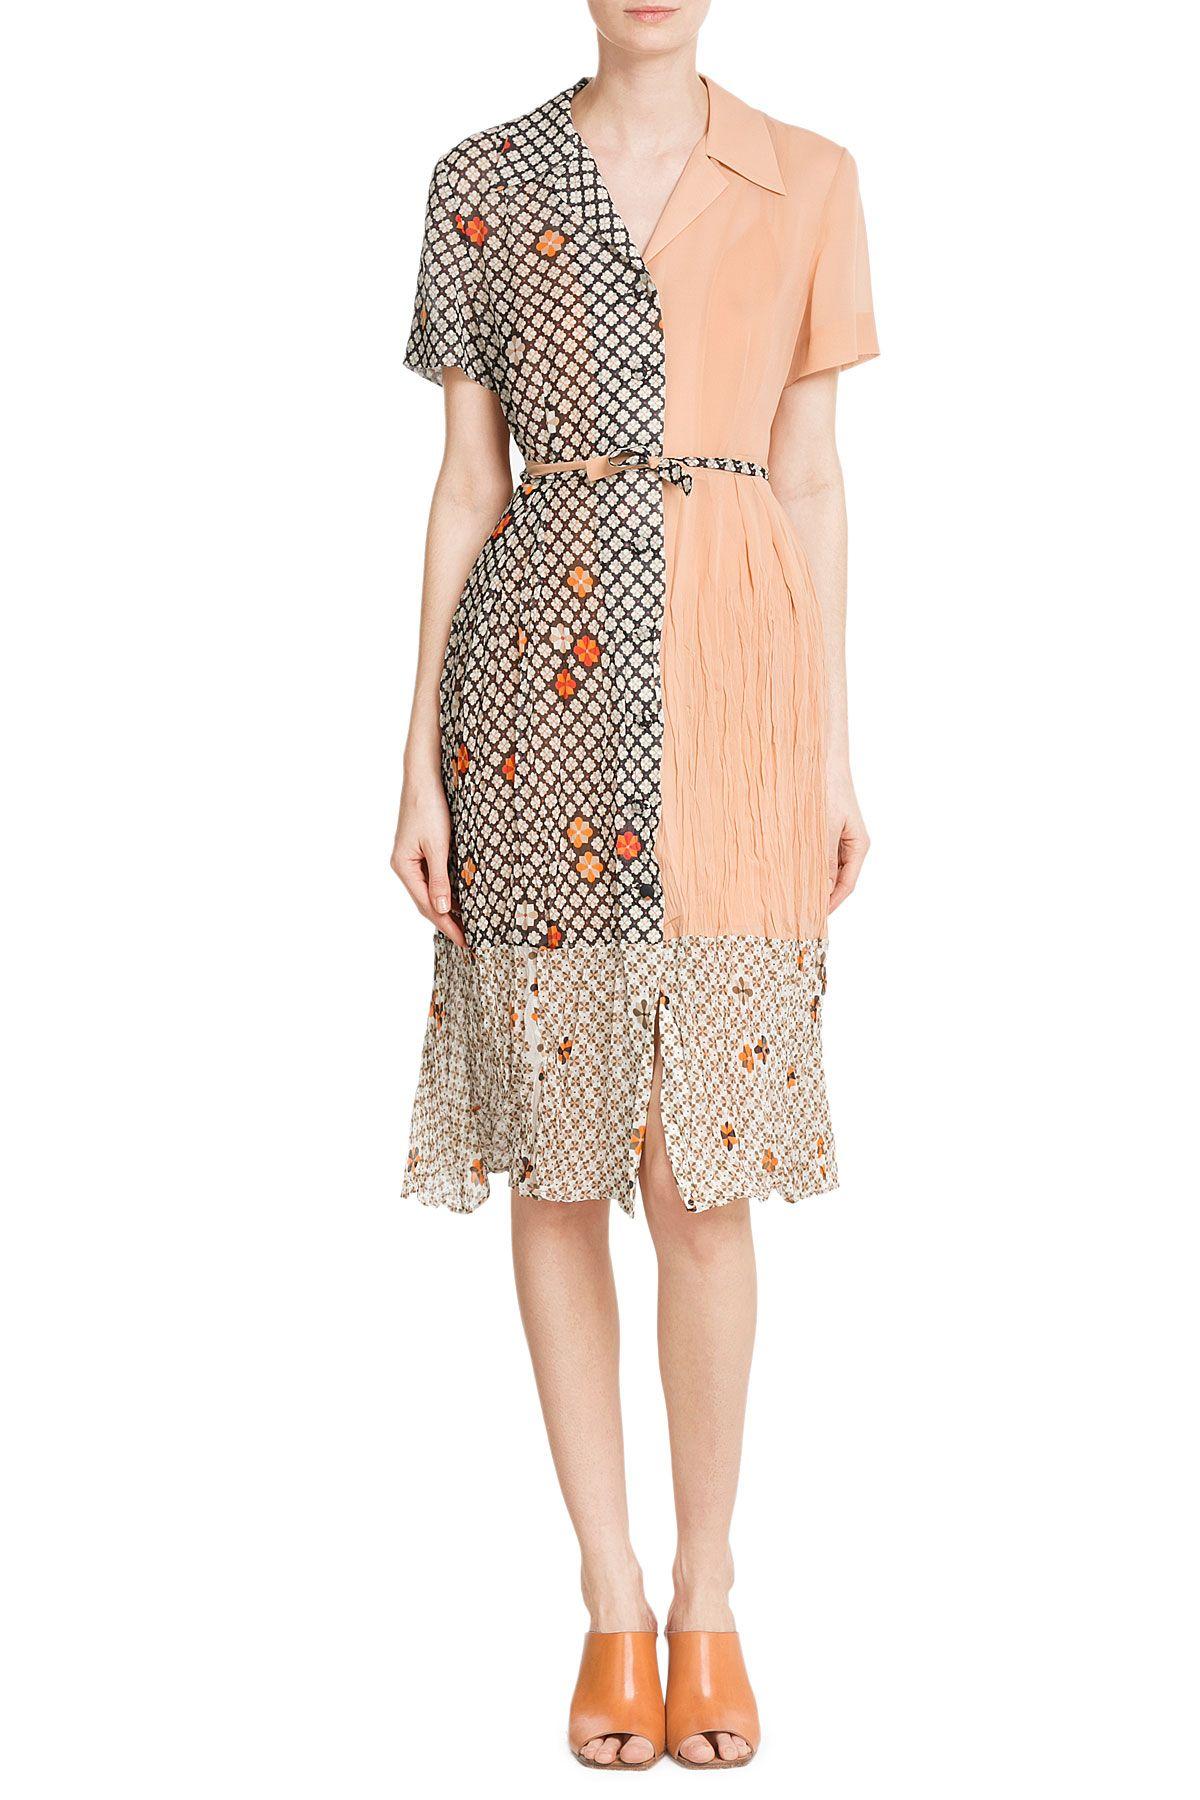 PrintedSilkDressfromMAISONMARGIELA | Luxury fashion online | STYLEBOP.com